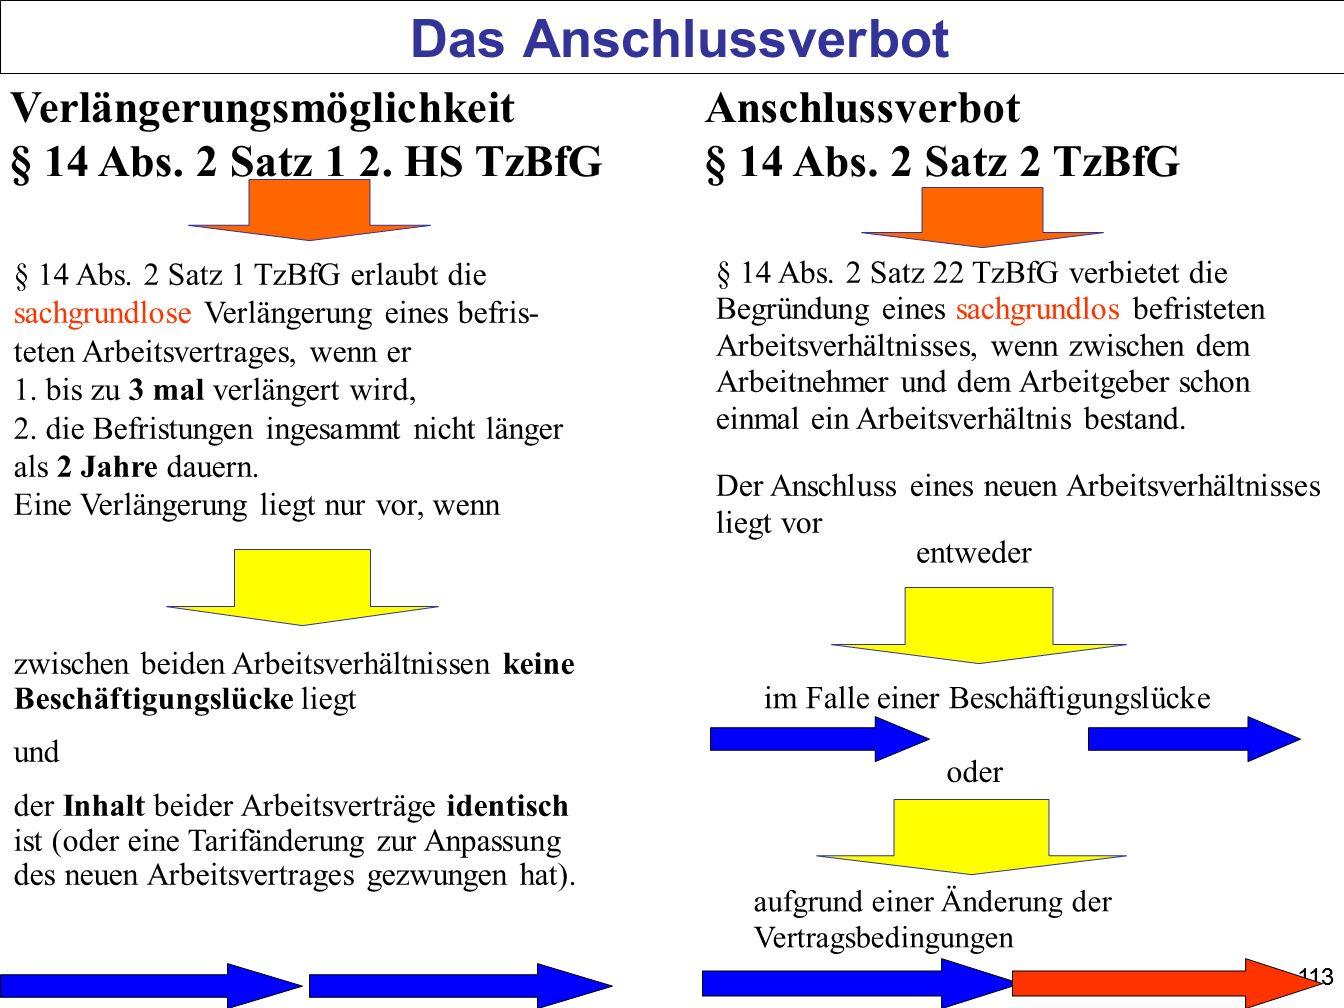 Das Anschlussverbot Verlängerungsmöglichkeit § 14 Abs. 2 Satz 1 2. HS TzBfG. Anschlussverbot § 14 Abs. 2 Satz 2 TzBfG.